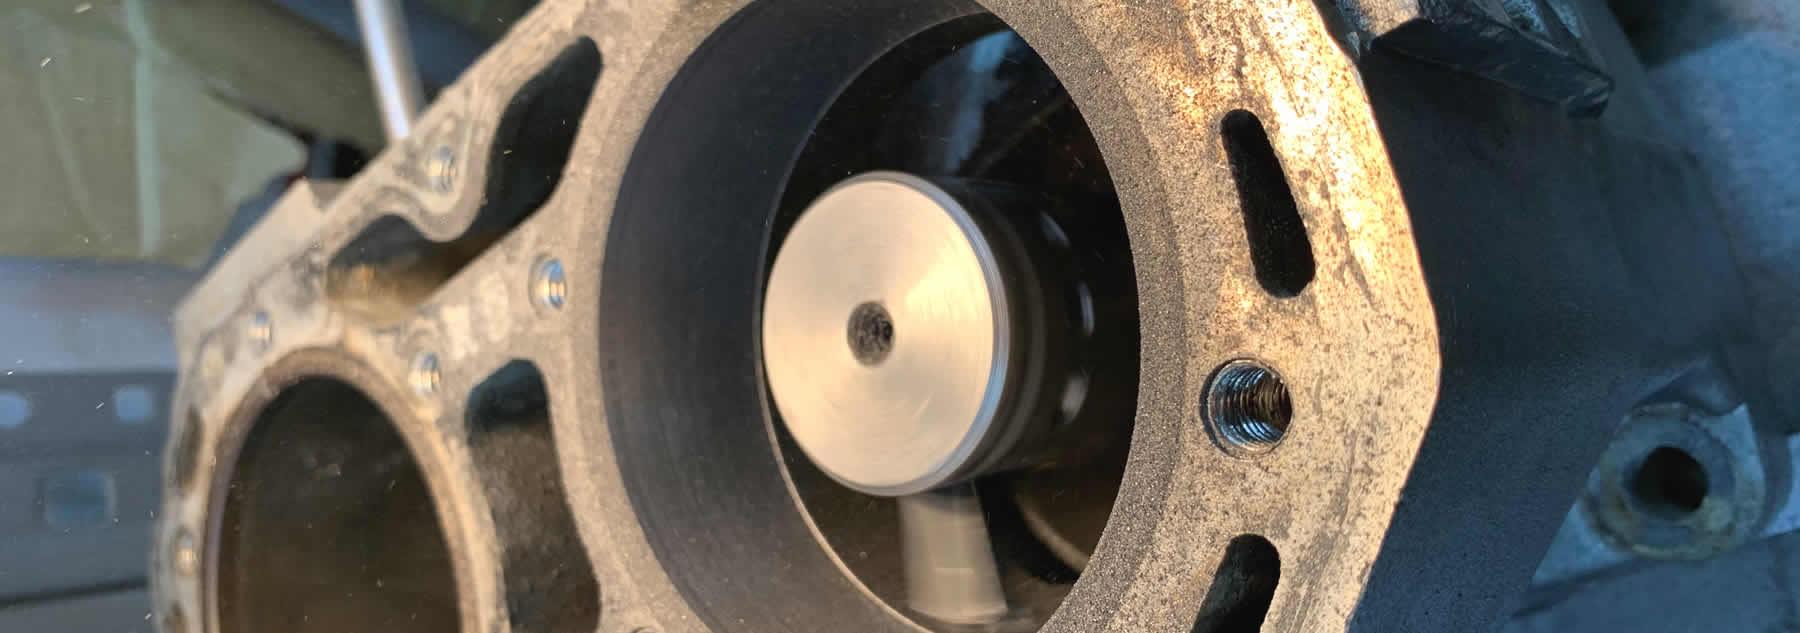 Have Northern Crankshafts do your Cylinder Boring.